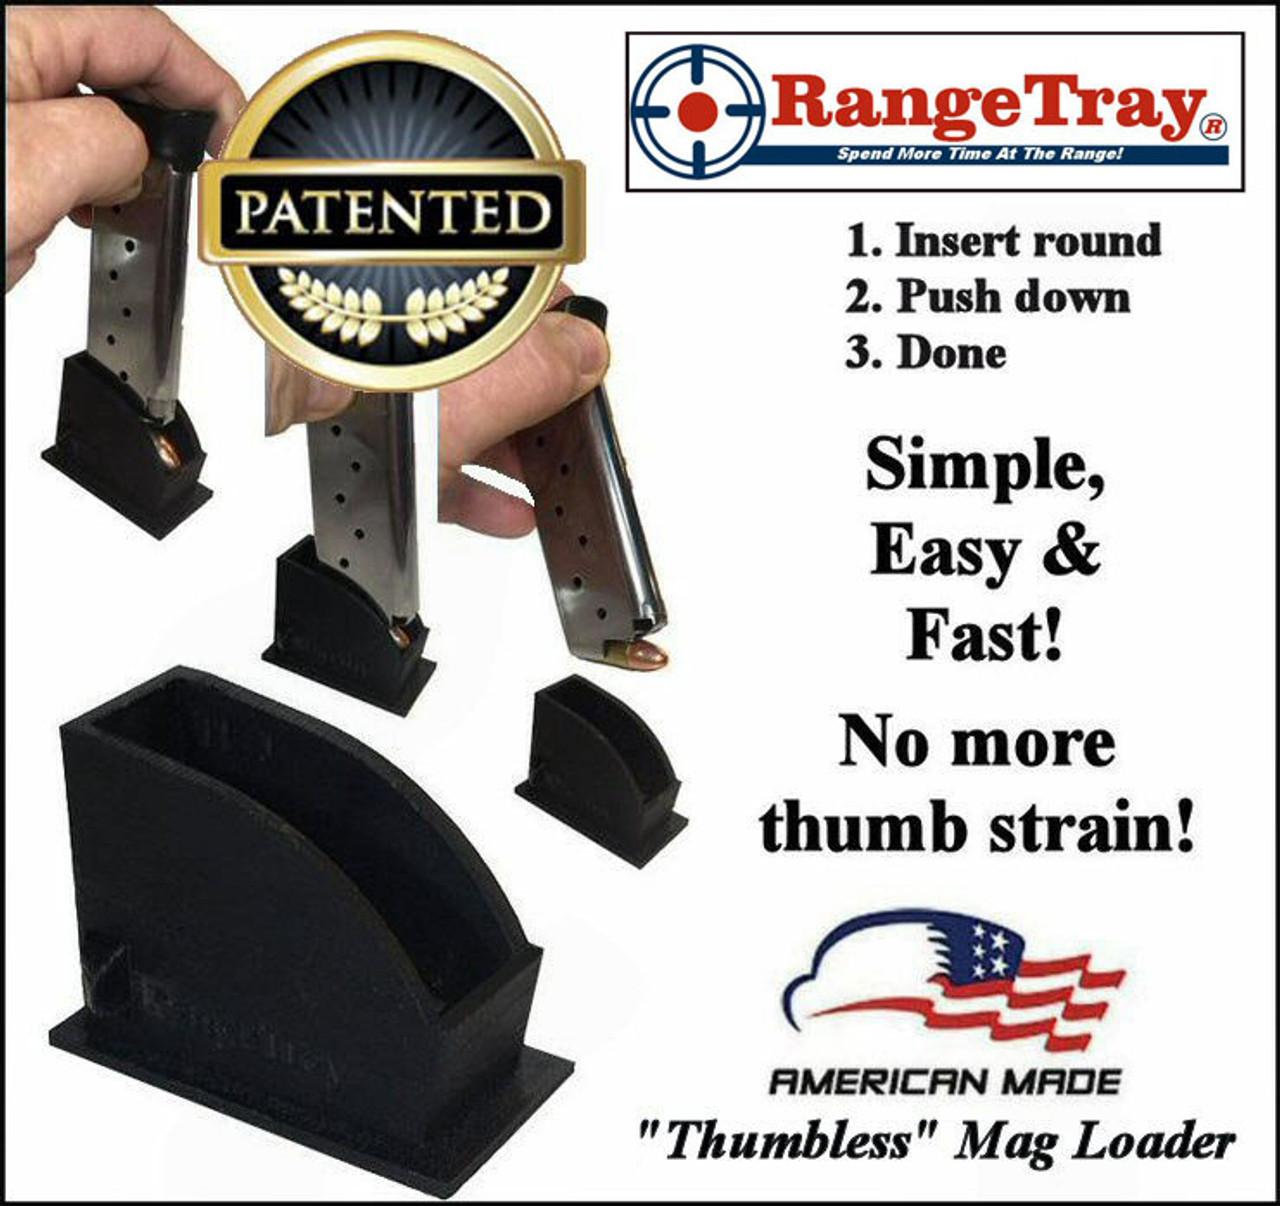 RangeTray